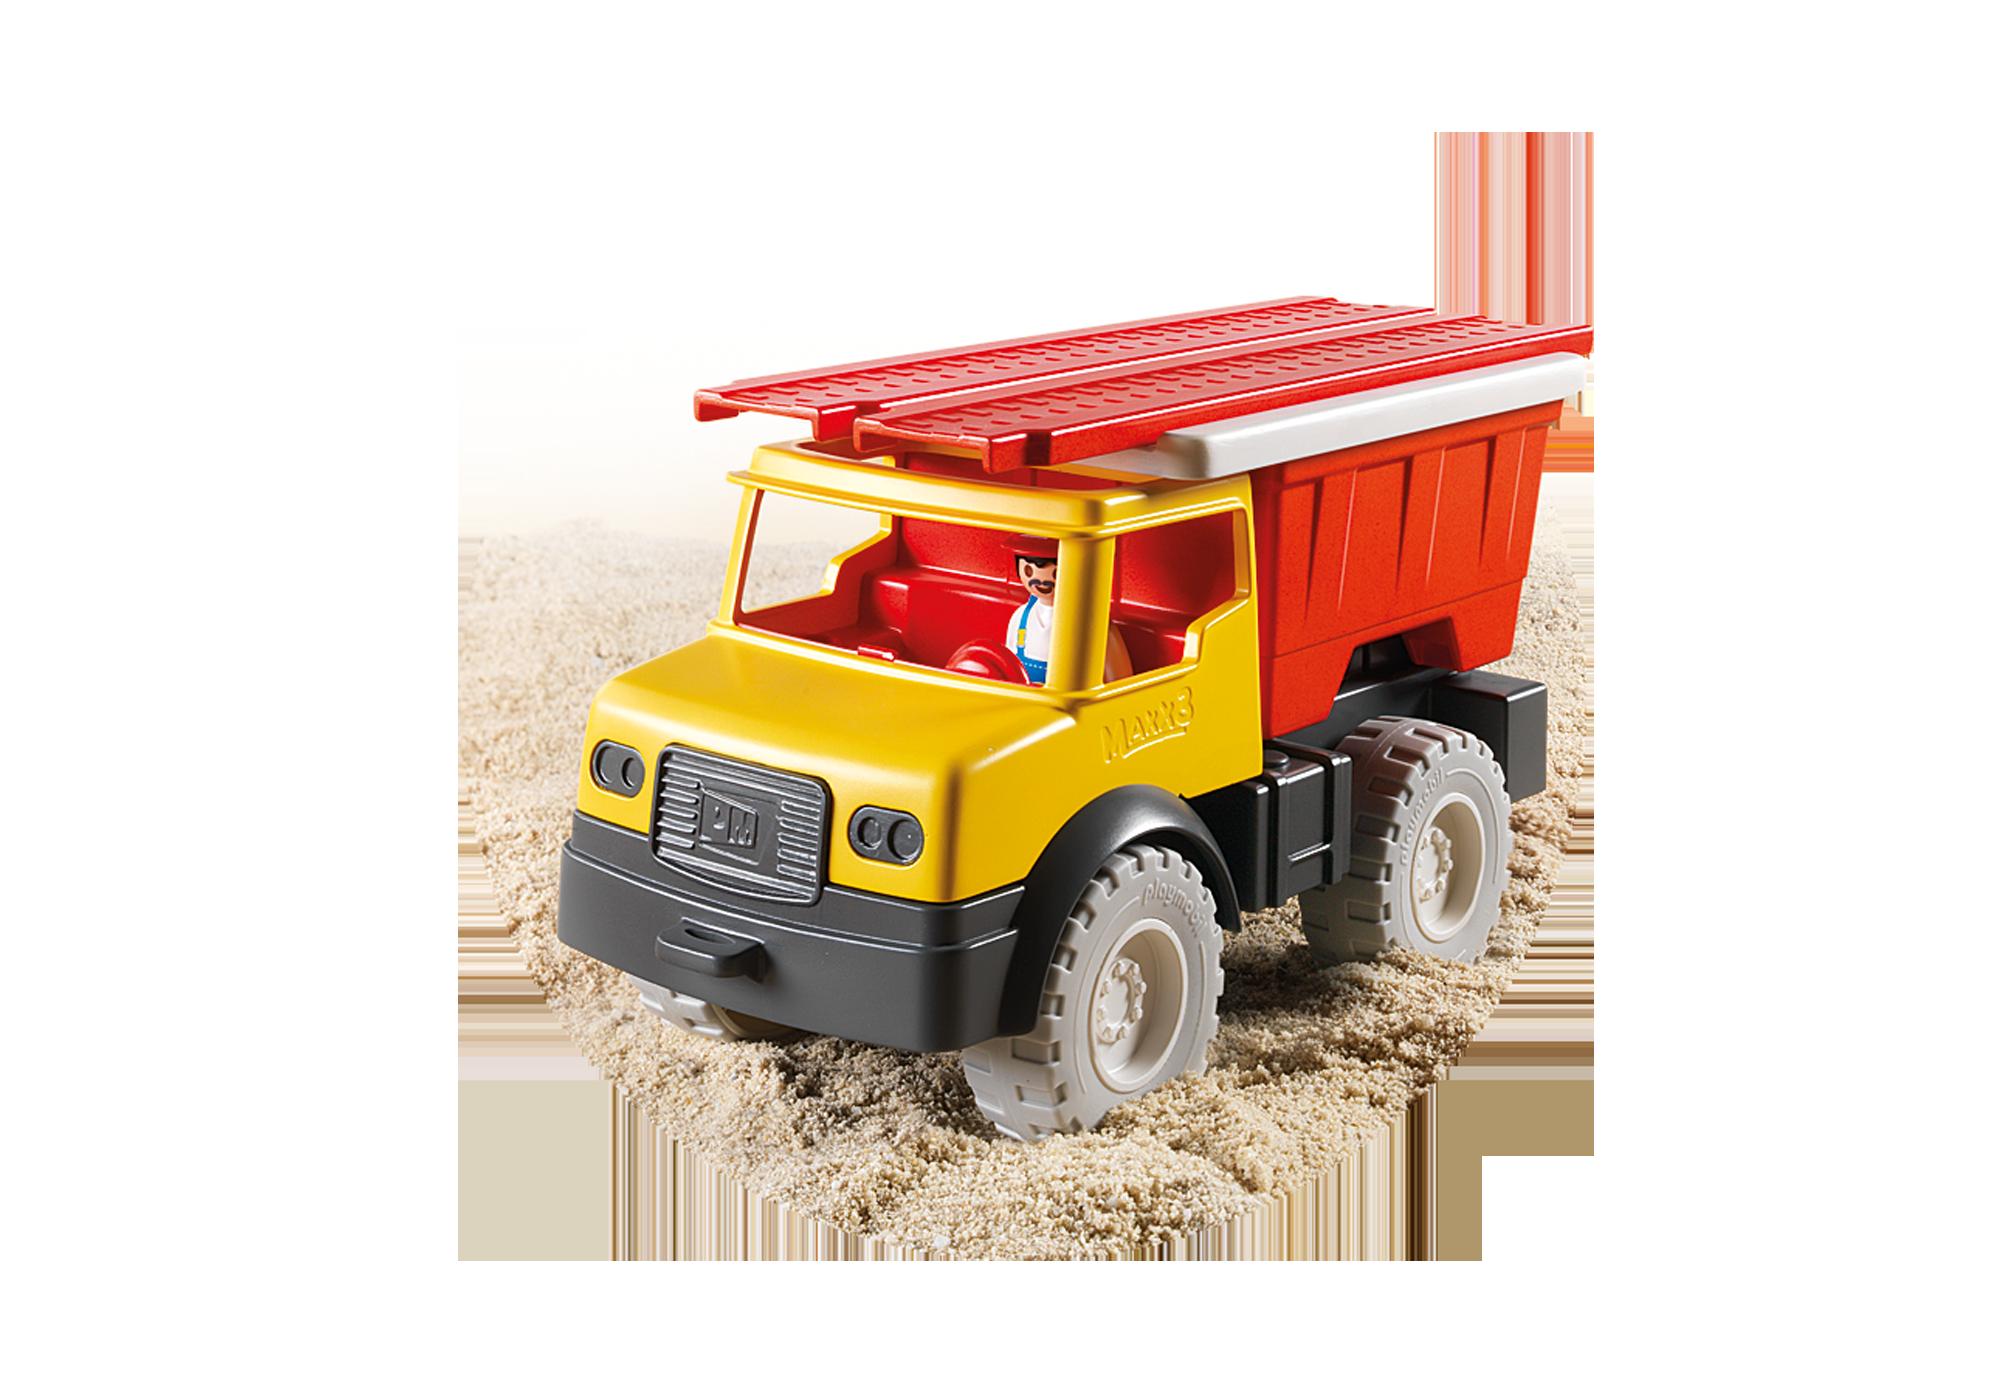 http://media.playmobil.com/i/playmobil/9142_product_extra3/Kiepwagen met emmer